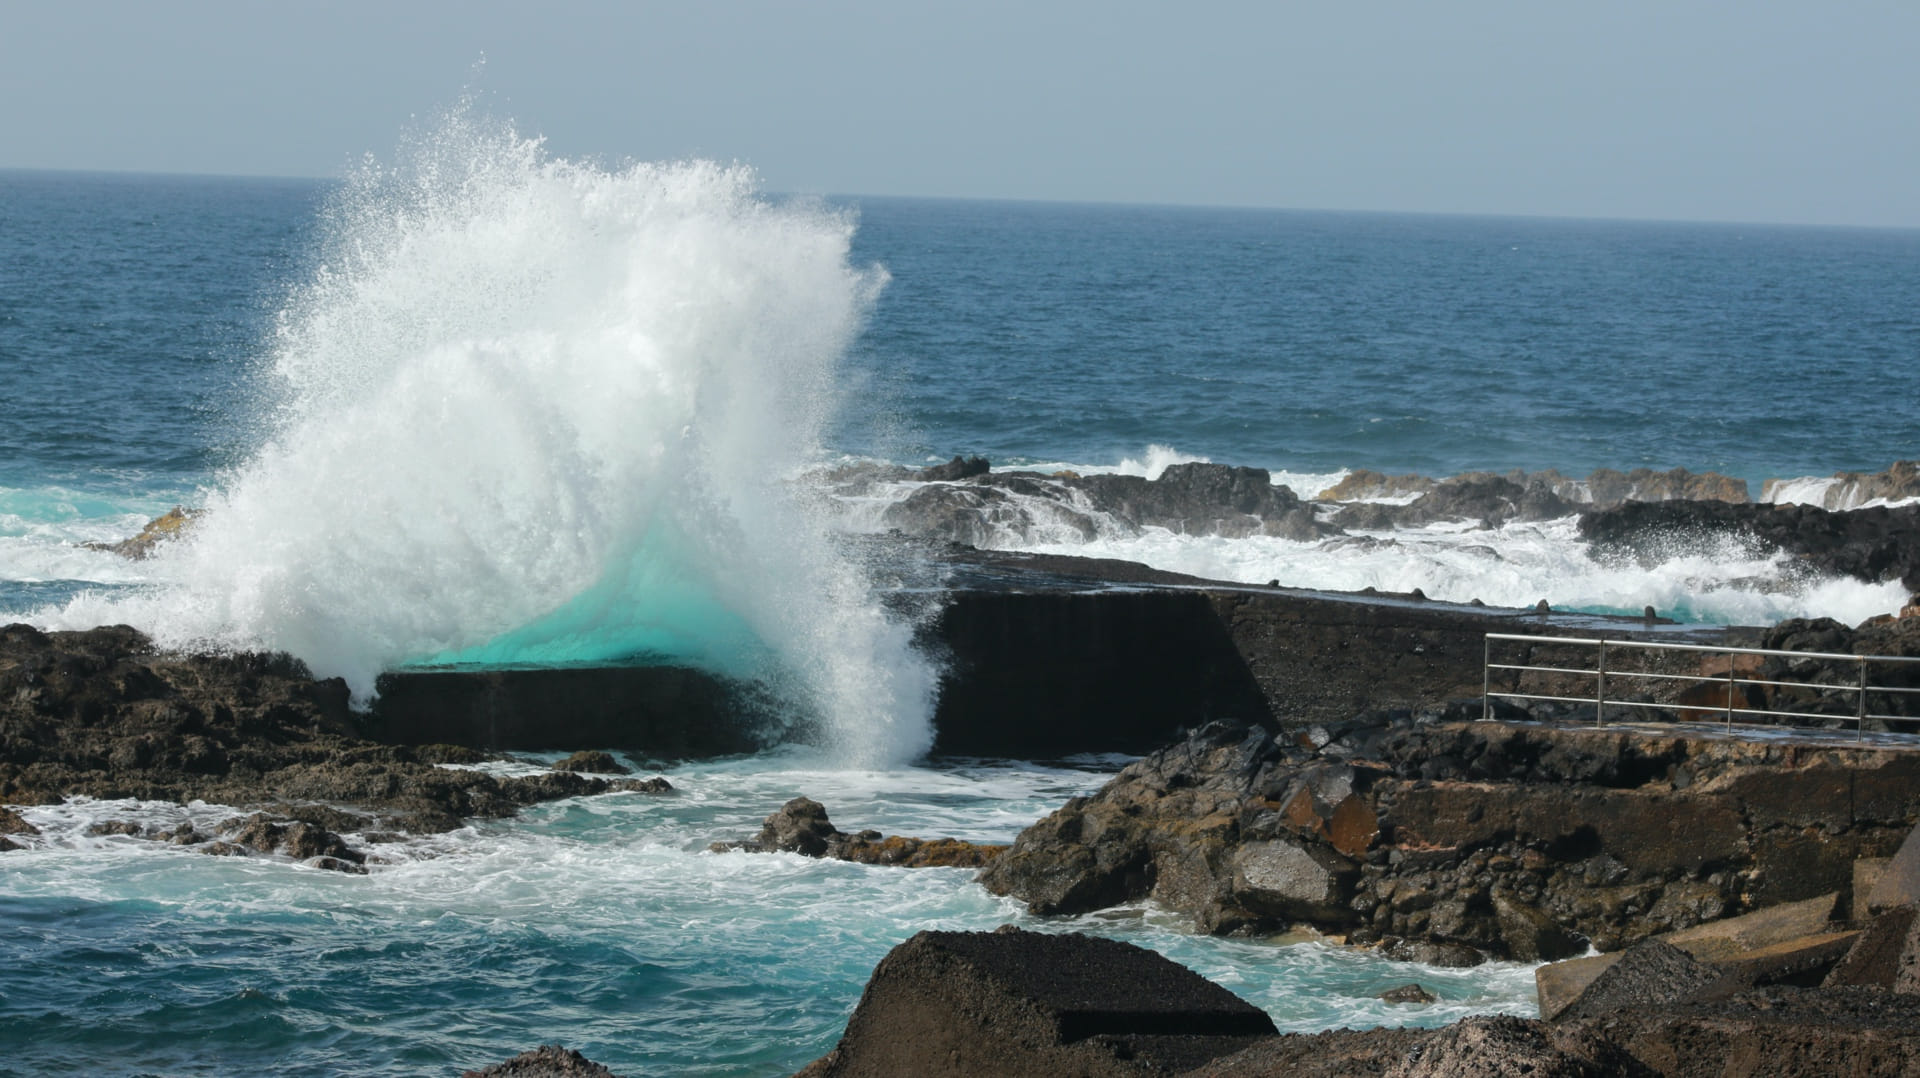 La belleza del mar furioso